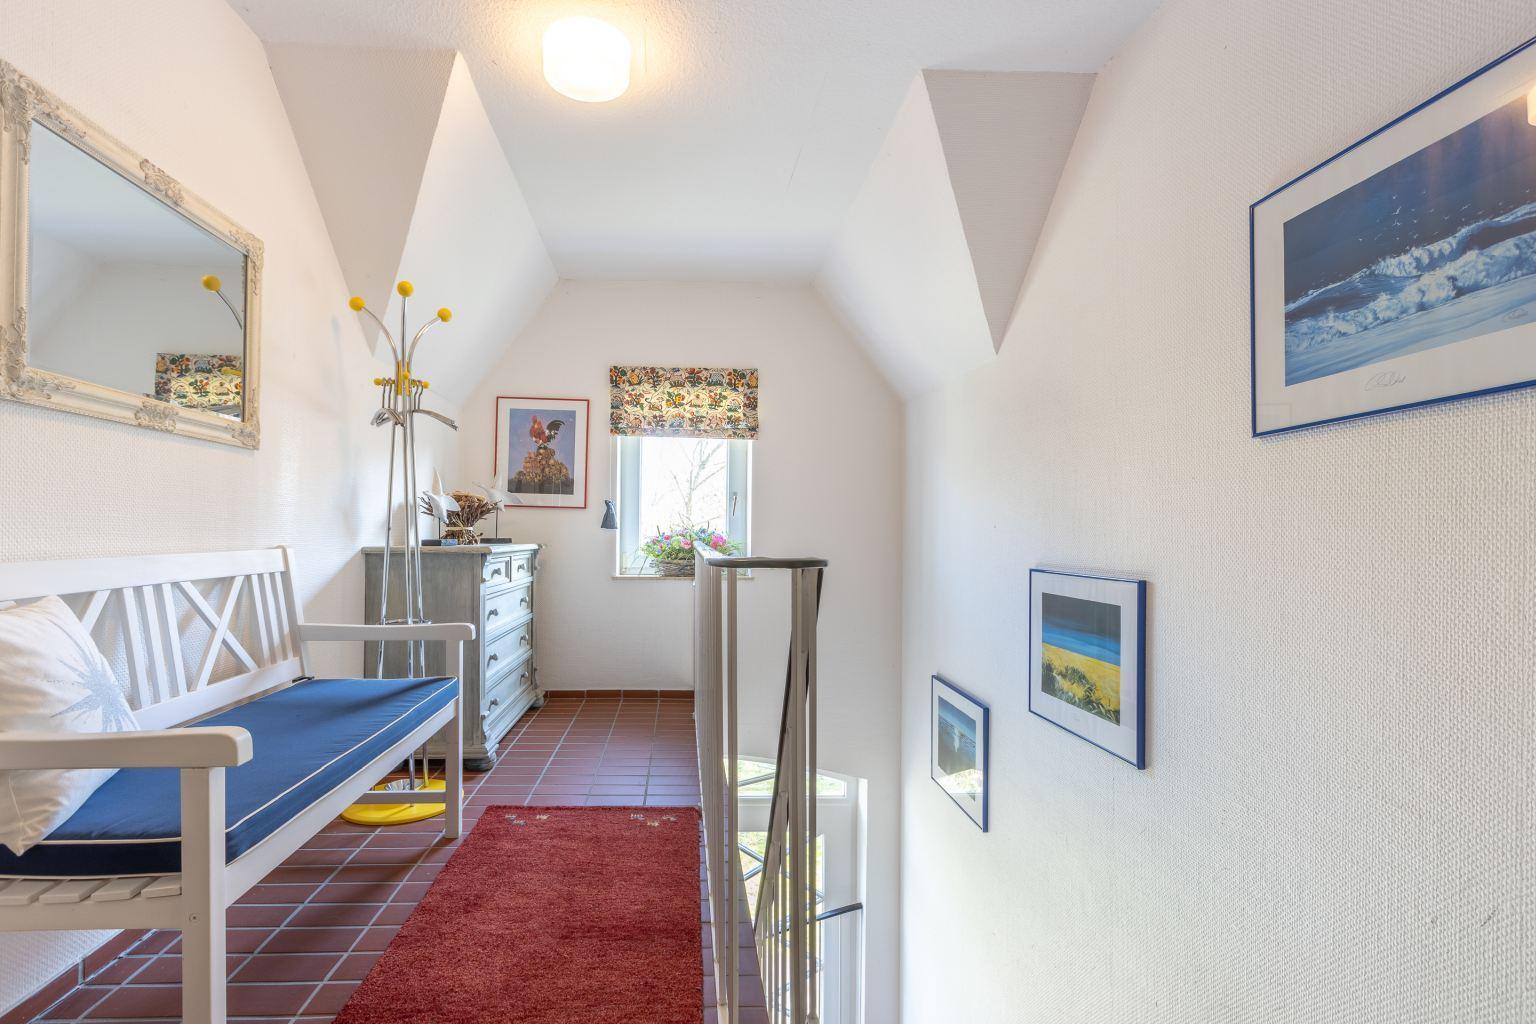 """Vorflur im Treppenhaus - St Peter Ording Bad, Haus Sommerdeich, Wohnung 4B """"Westmarkenpalais"""""""